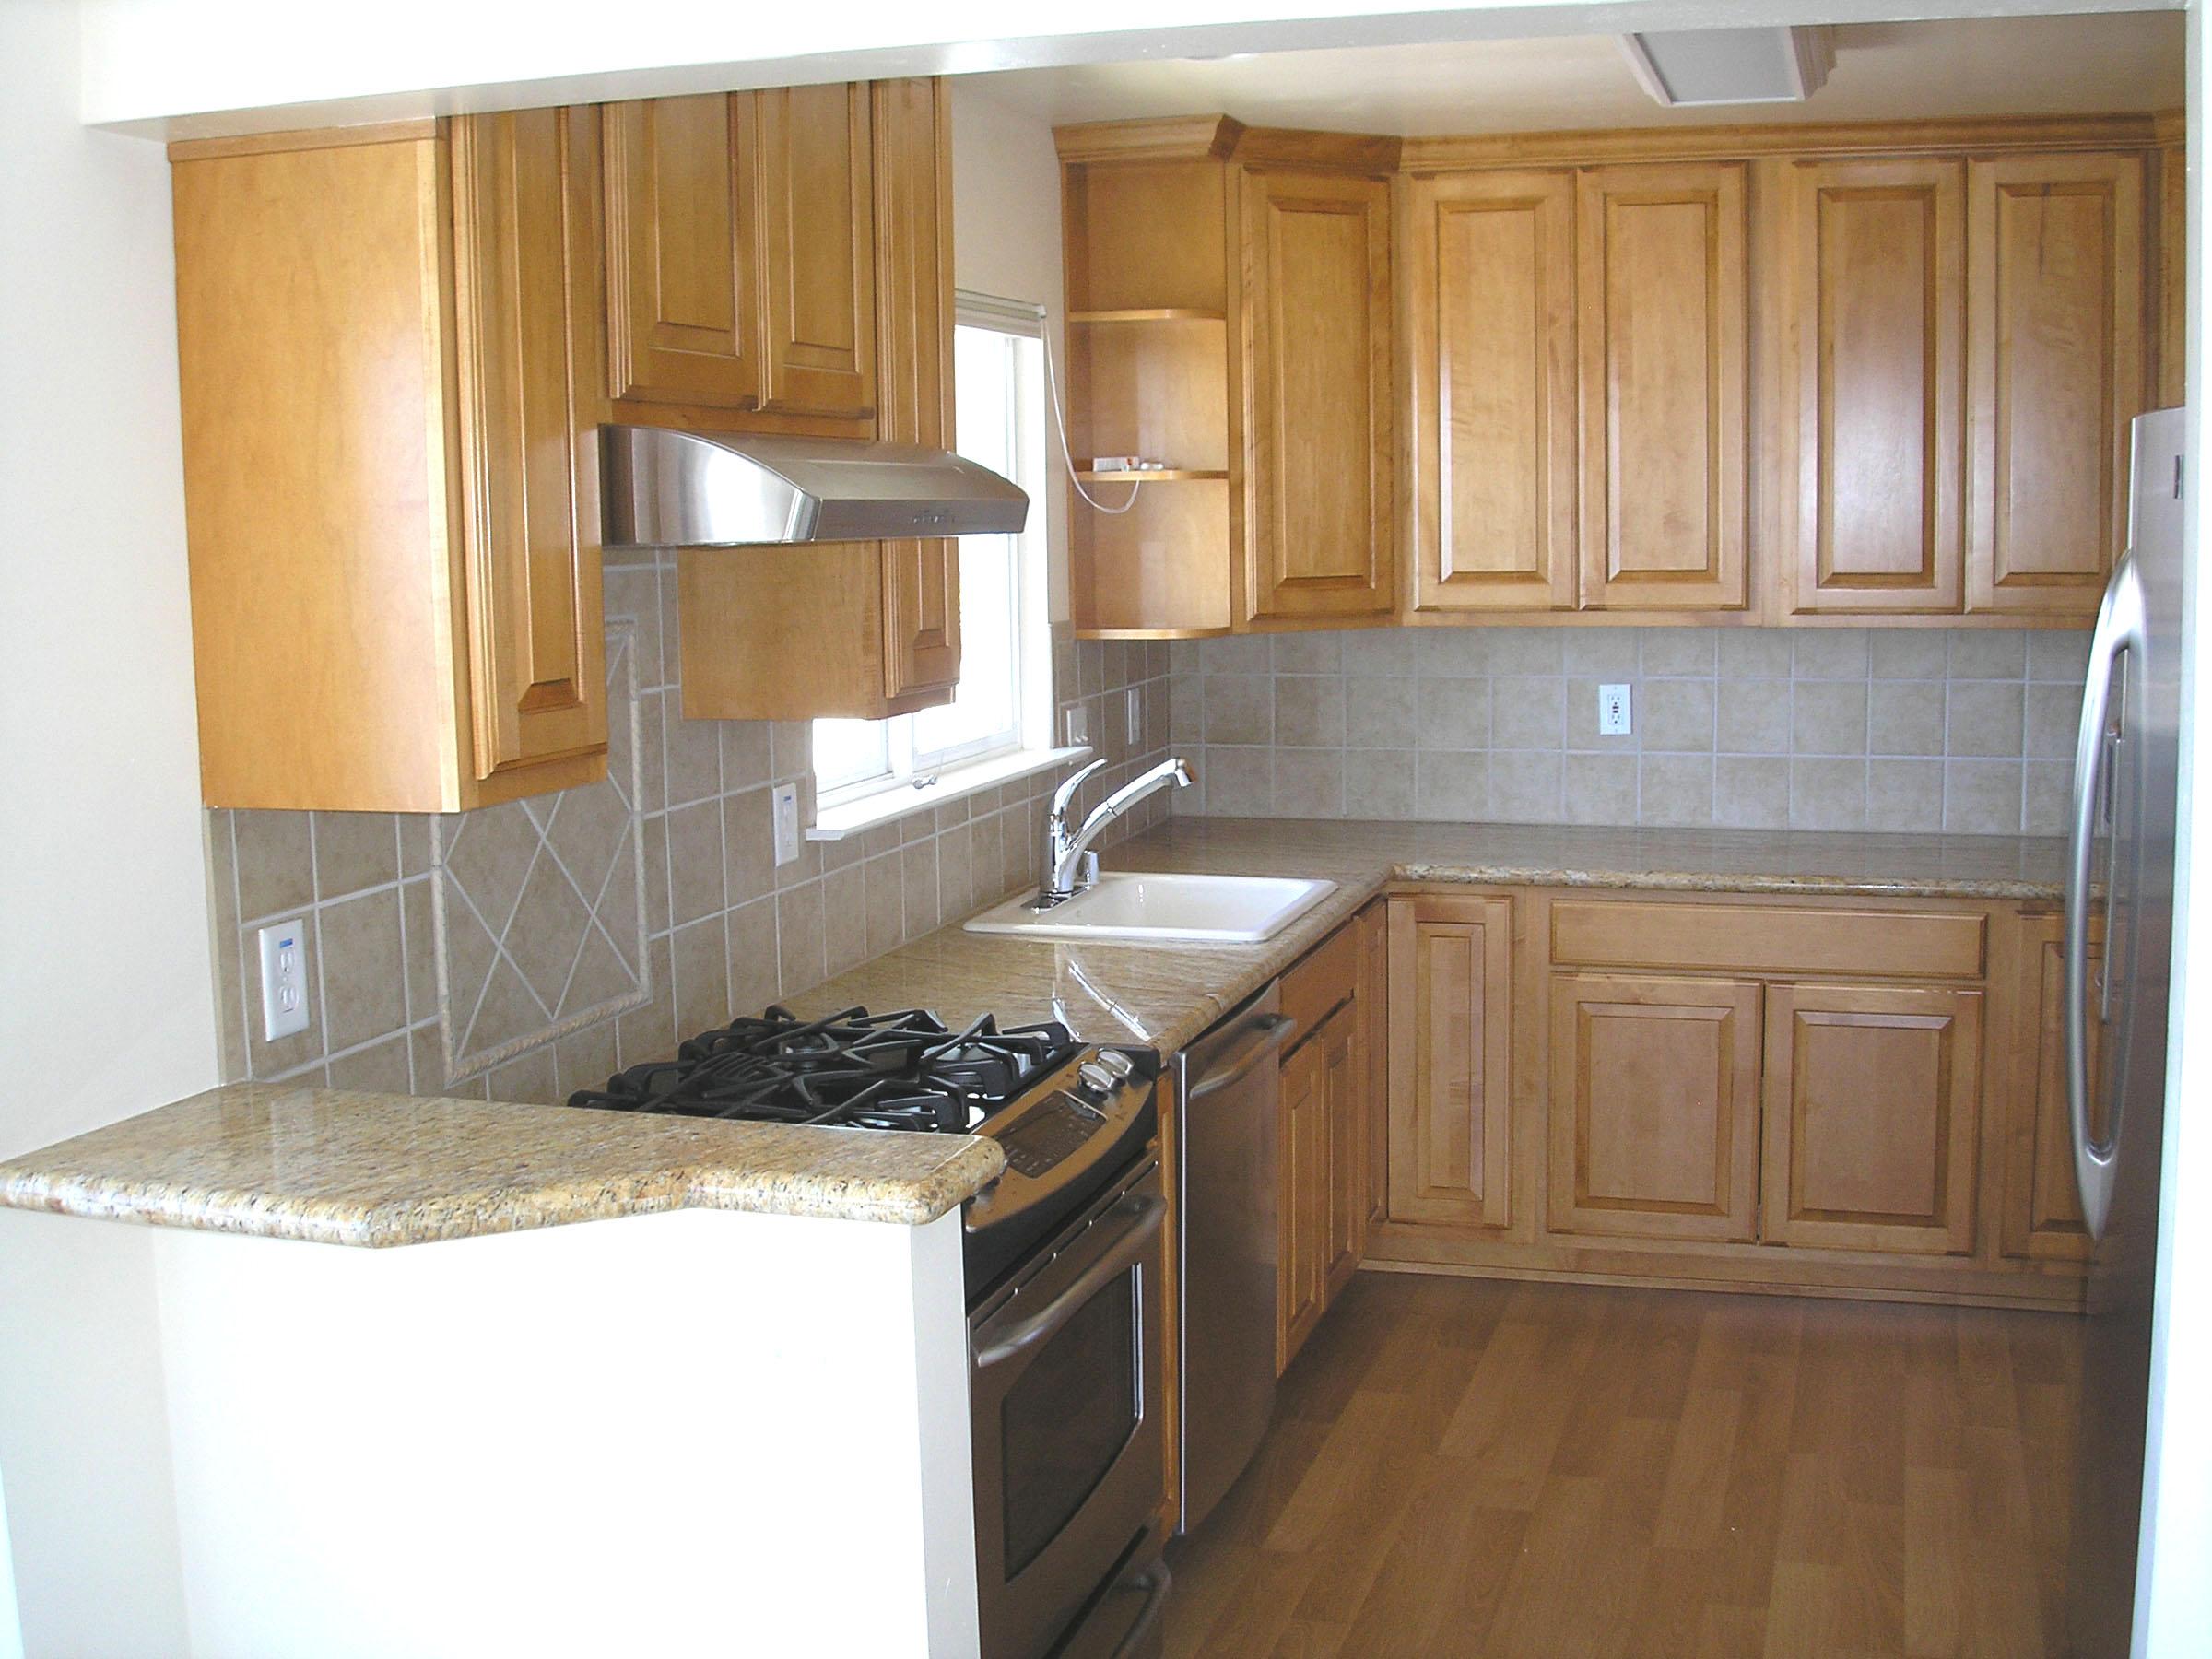 u shaped kitchen counter photo - 2